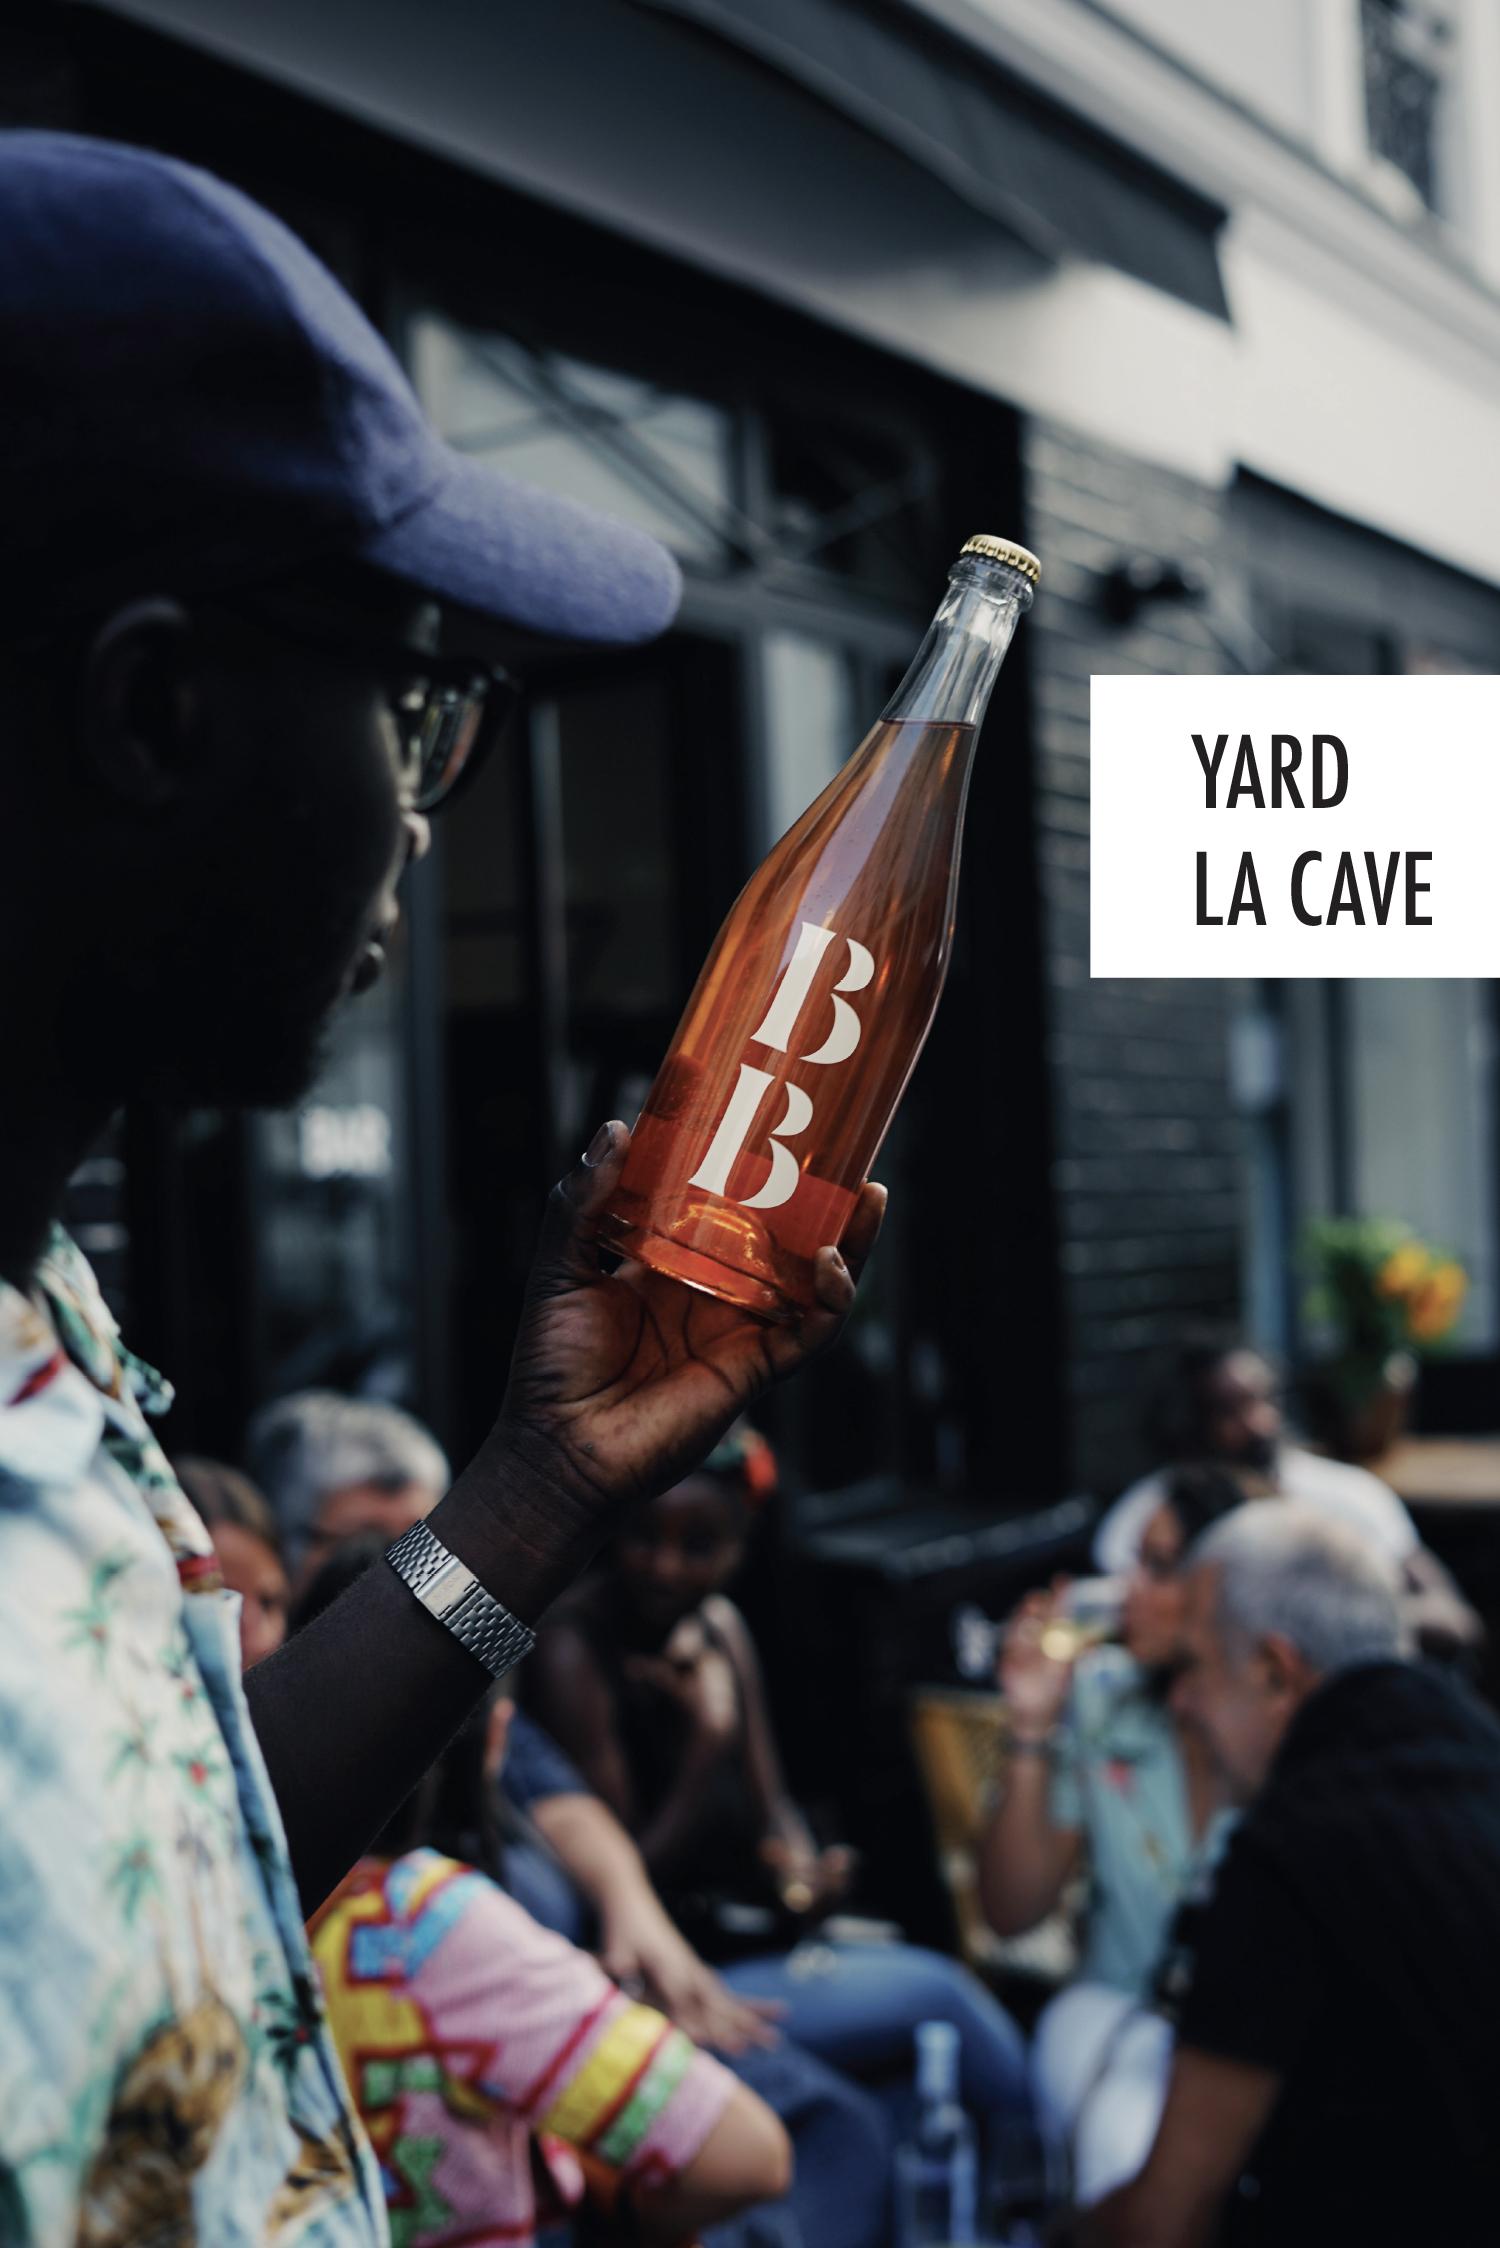 LA CAVE PHOTO.jpg